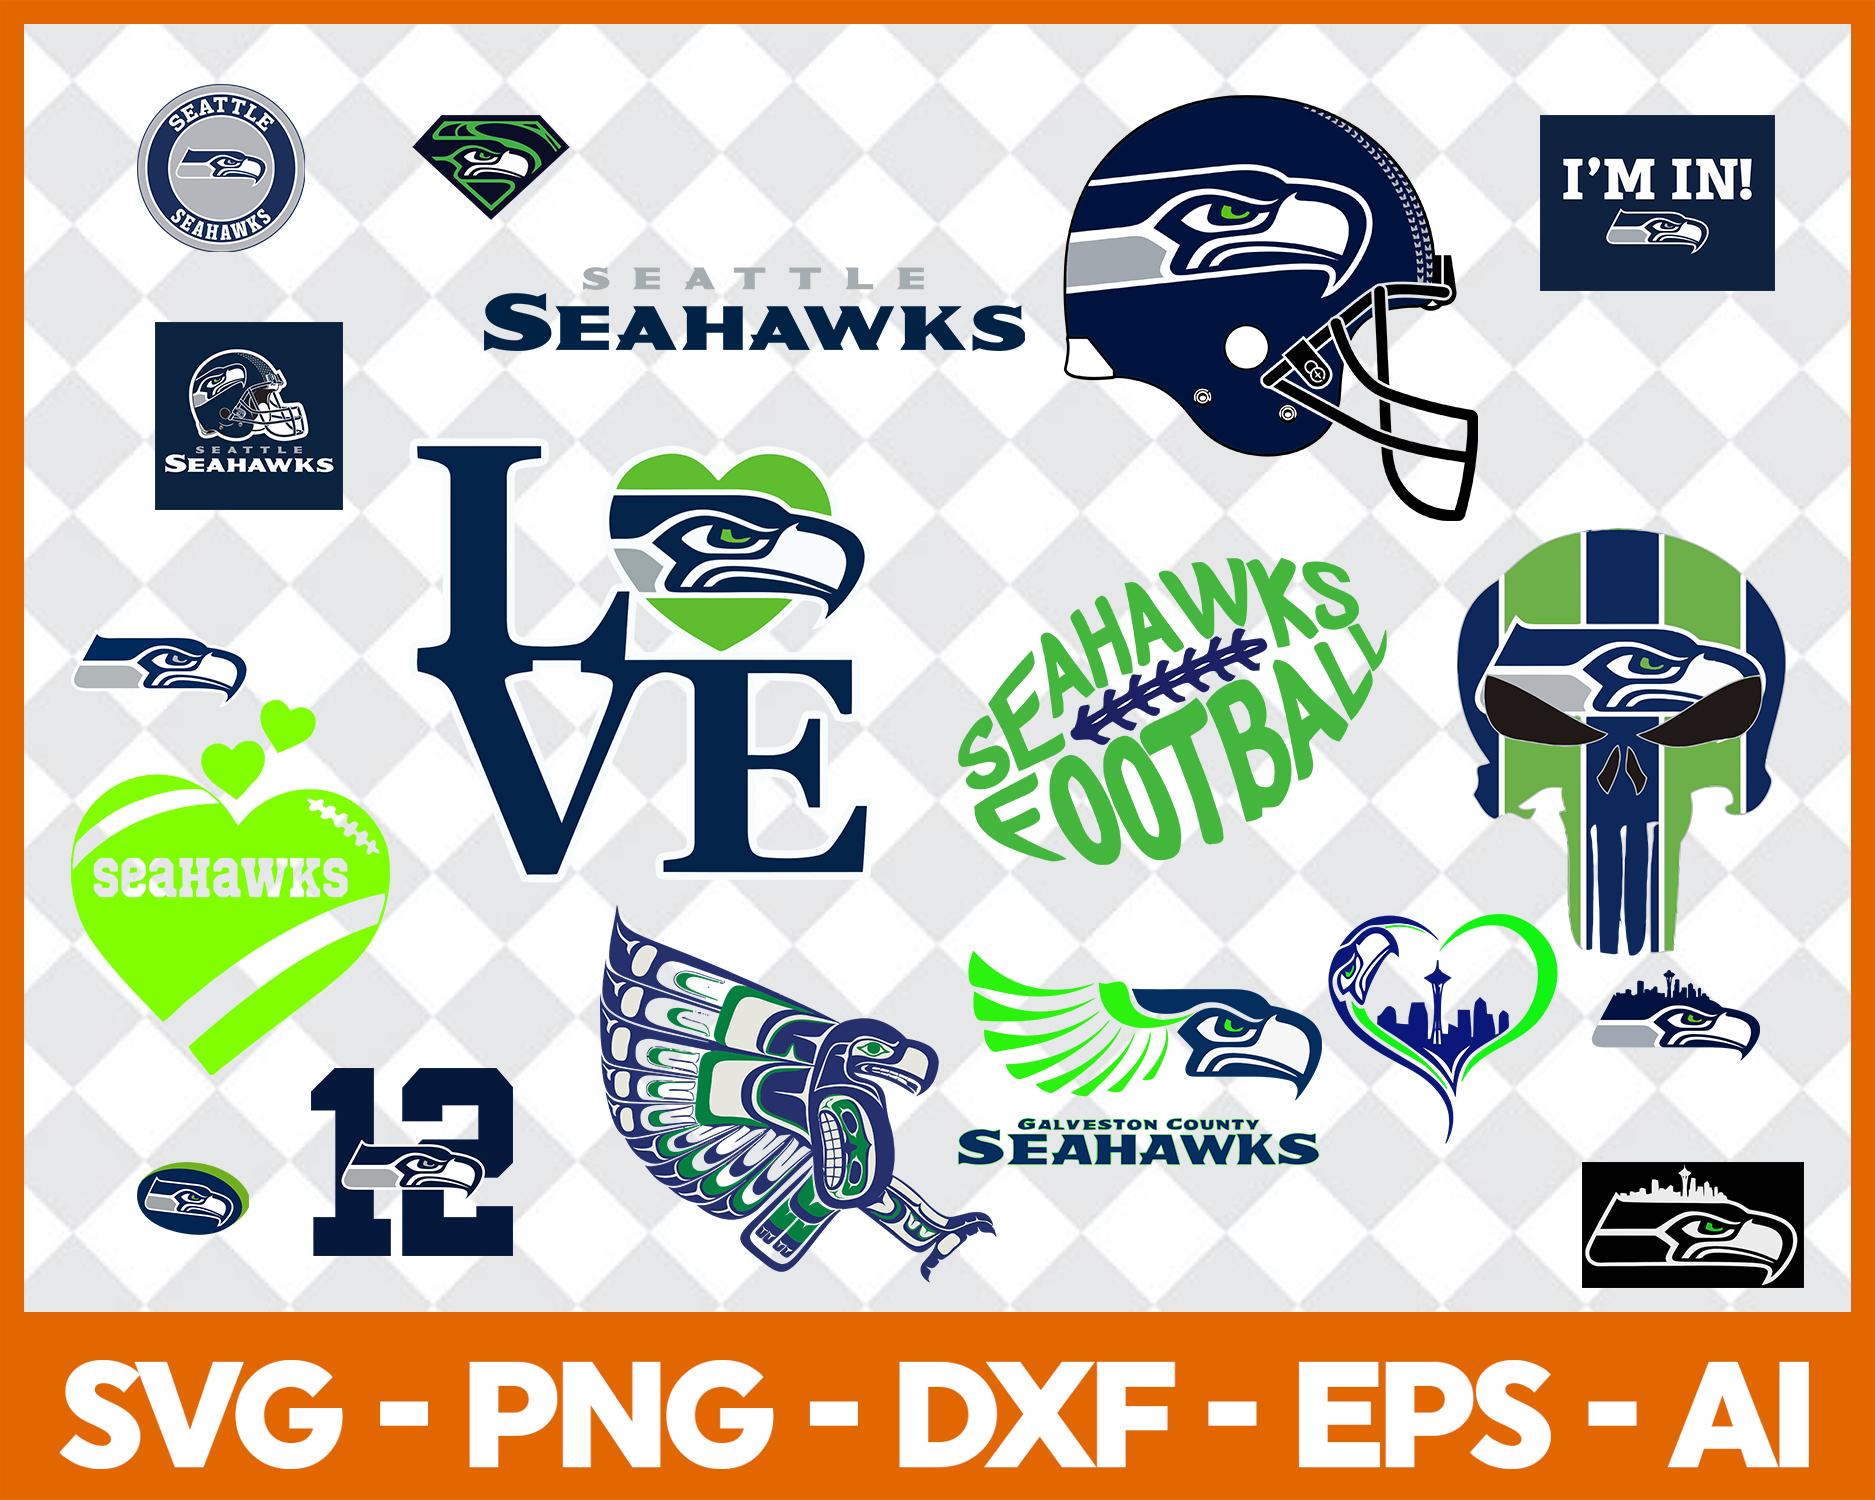 Seattle Seahawks Seattle Seahawks Logo Seattle Seahawks Svg Seattle Seahawks Clipart Seattle Seahawks Cut Nfl Svg Sold By Taylor Digital Shop